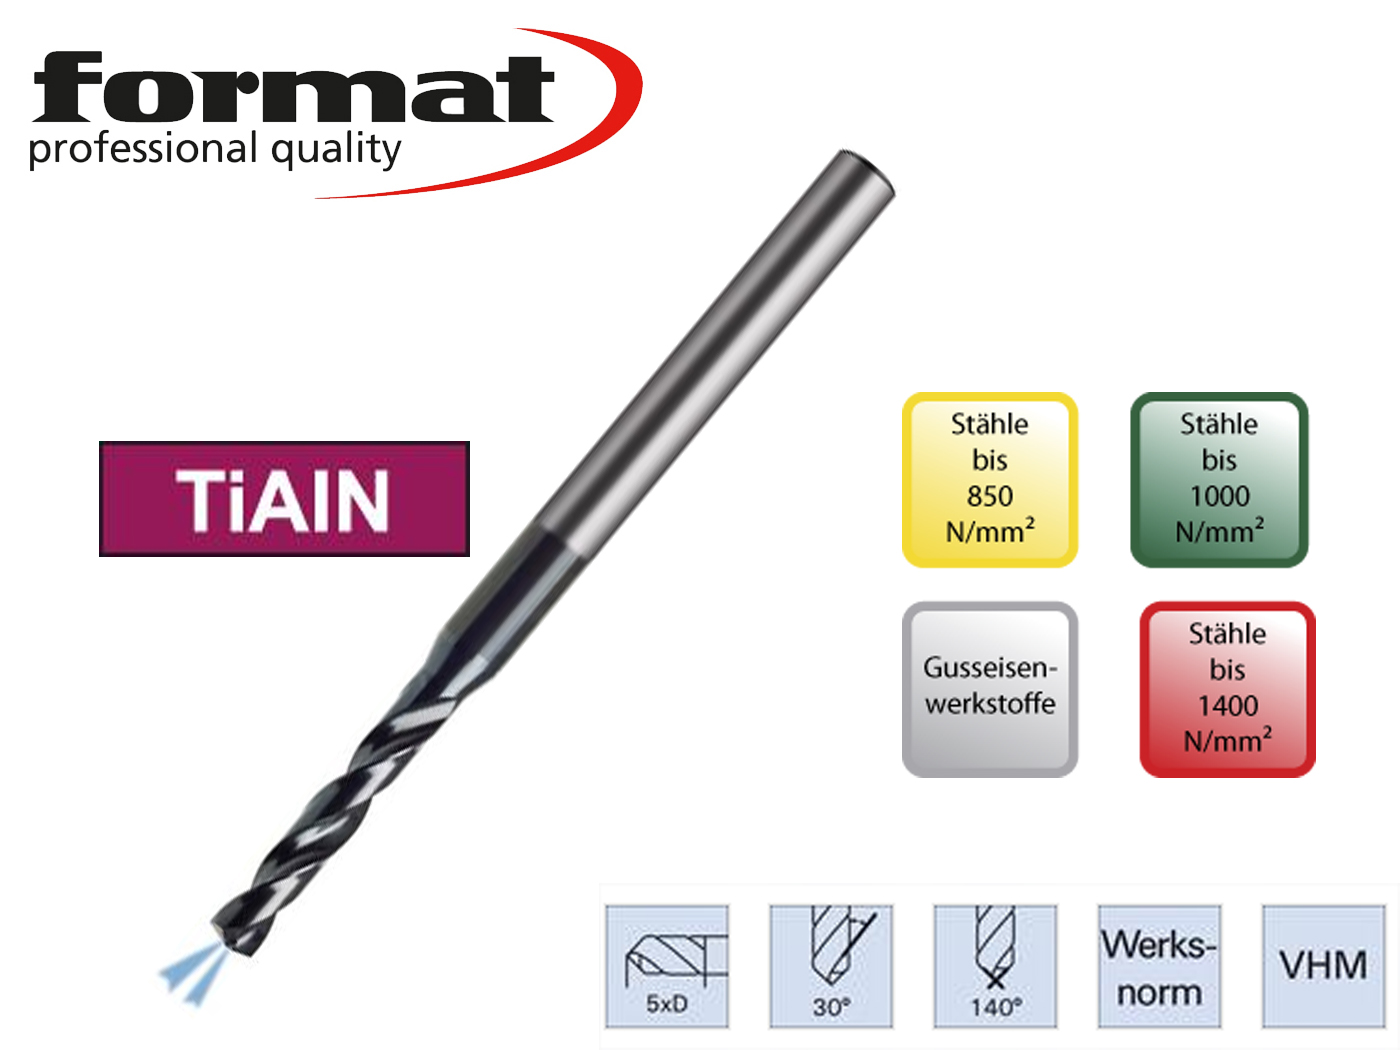 Spiraalboor VHM WN 5xd2 | DKMTools - DKM Tools